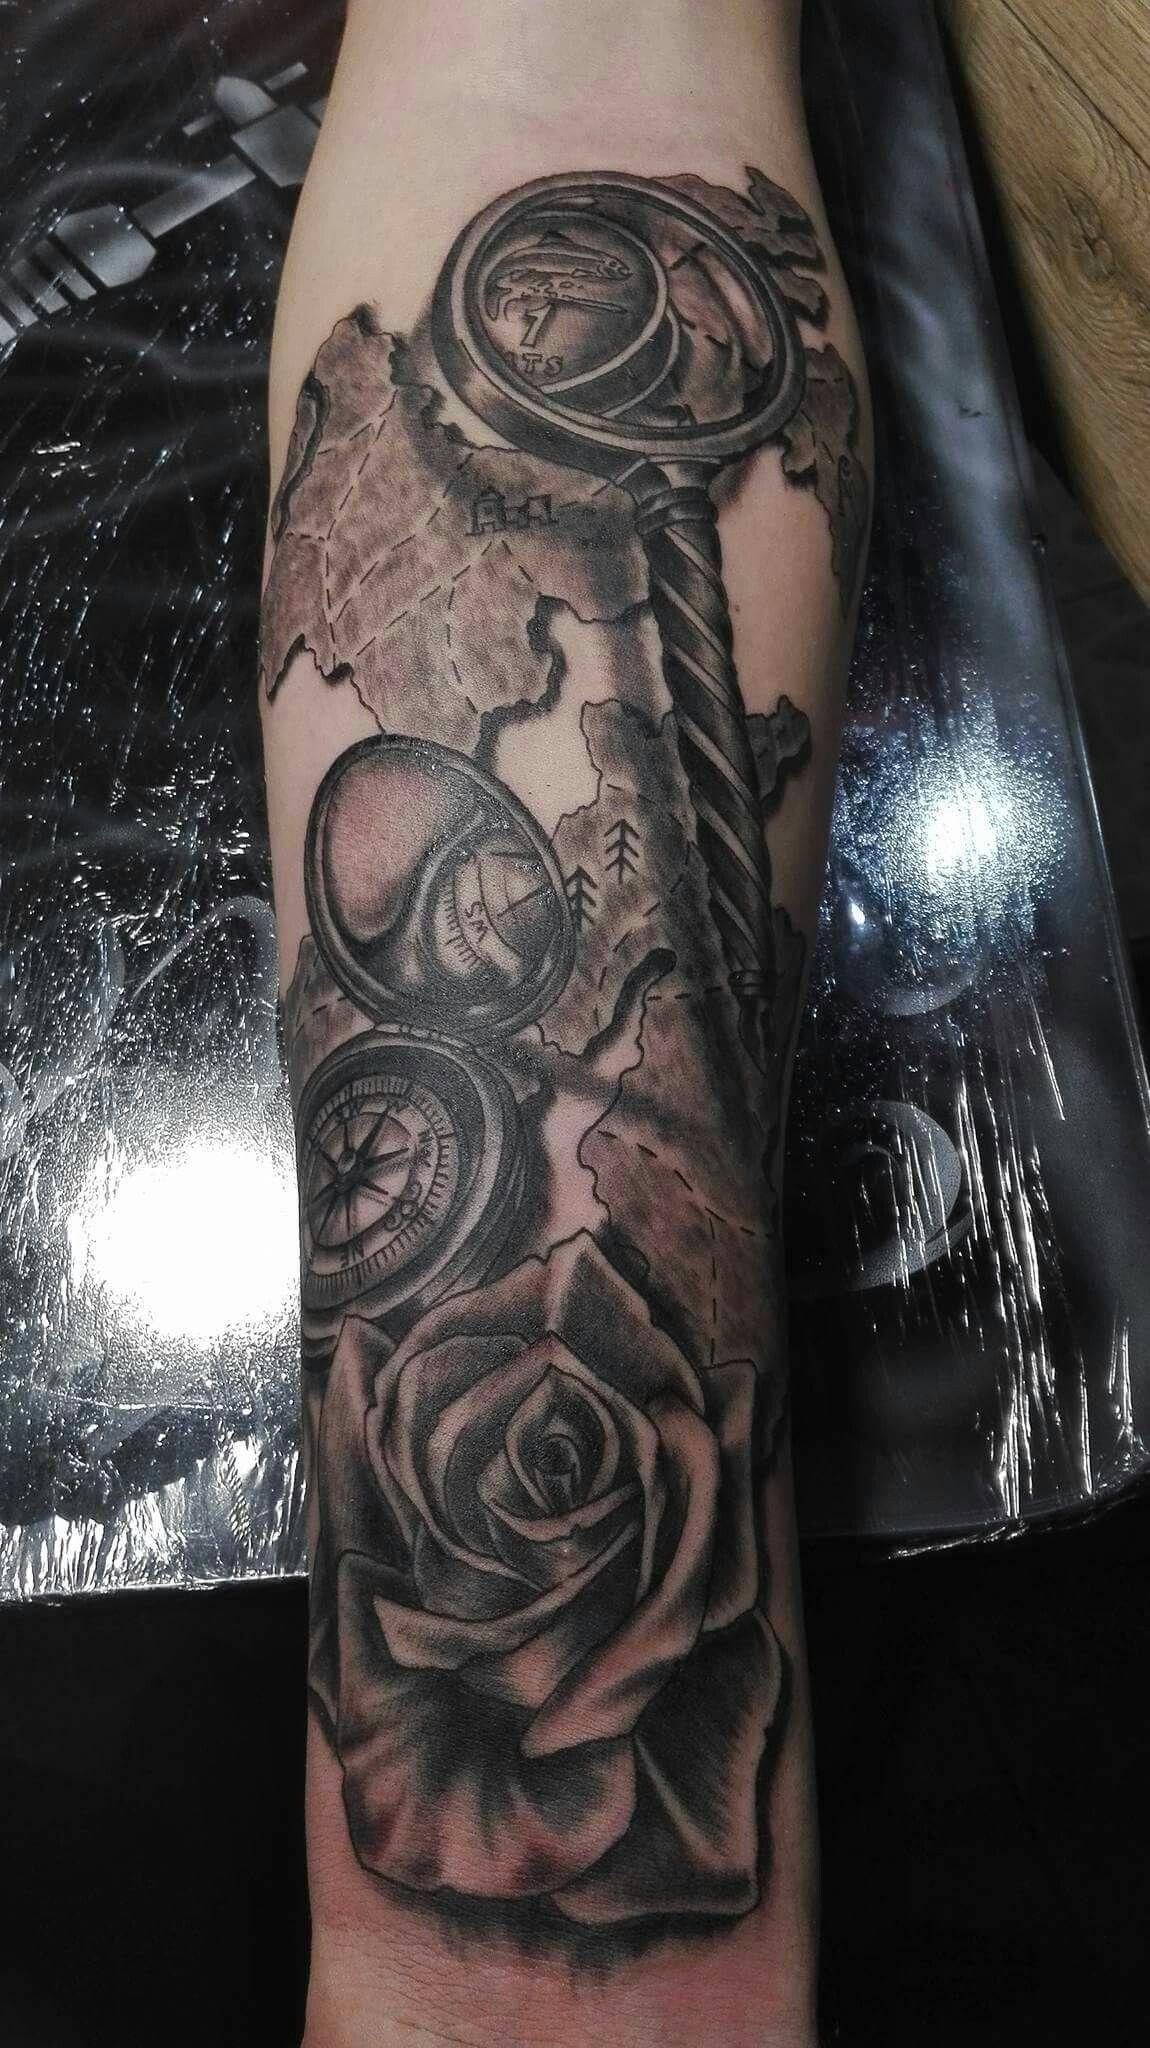 Artist Mārtiņš in Dimension studio tattoo tattoo